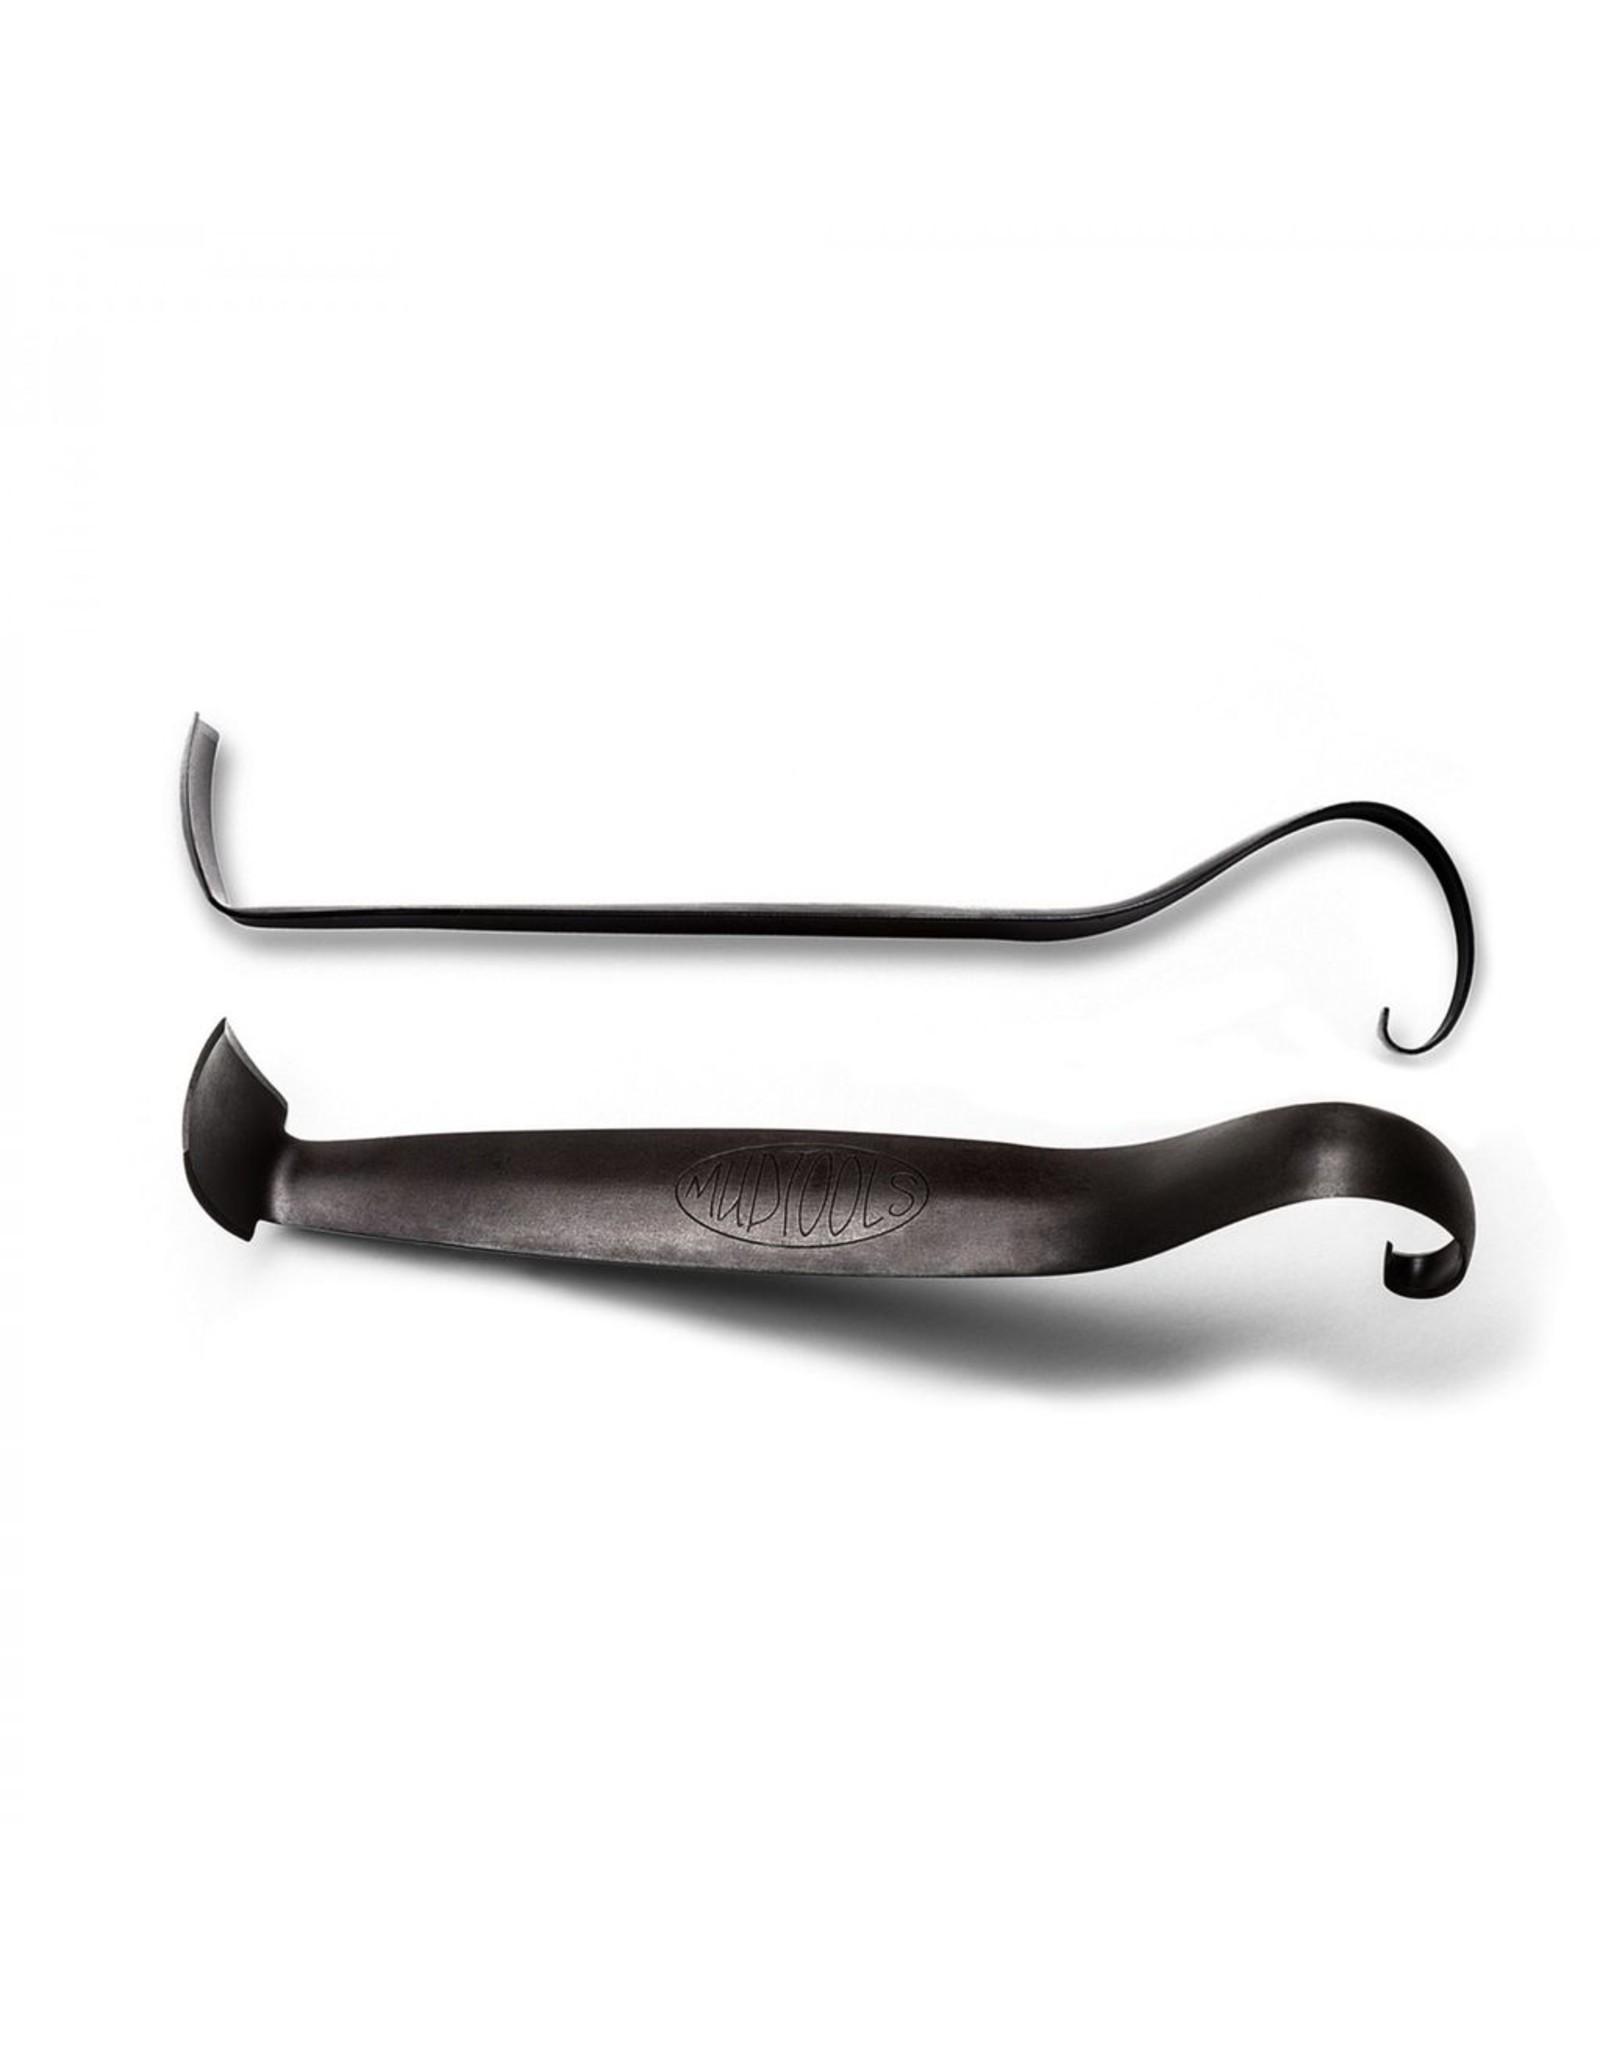 Mudtools Do All' trim tool